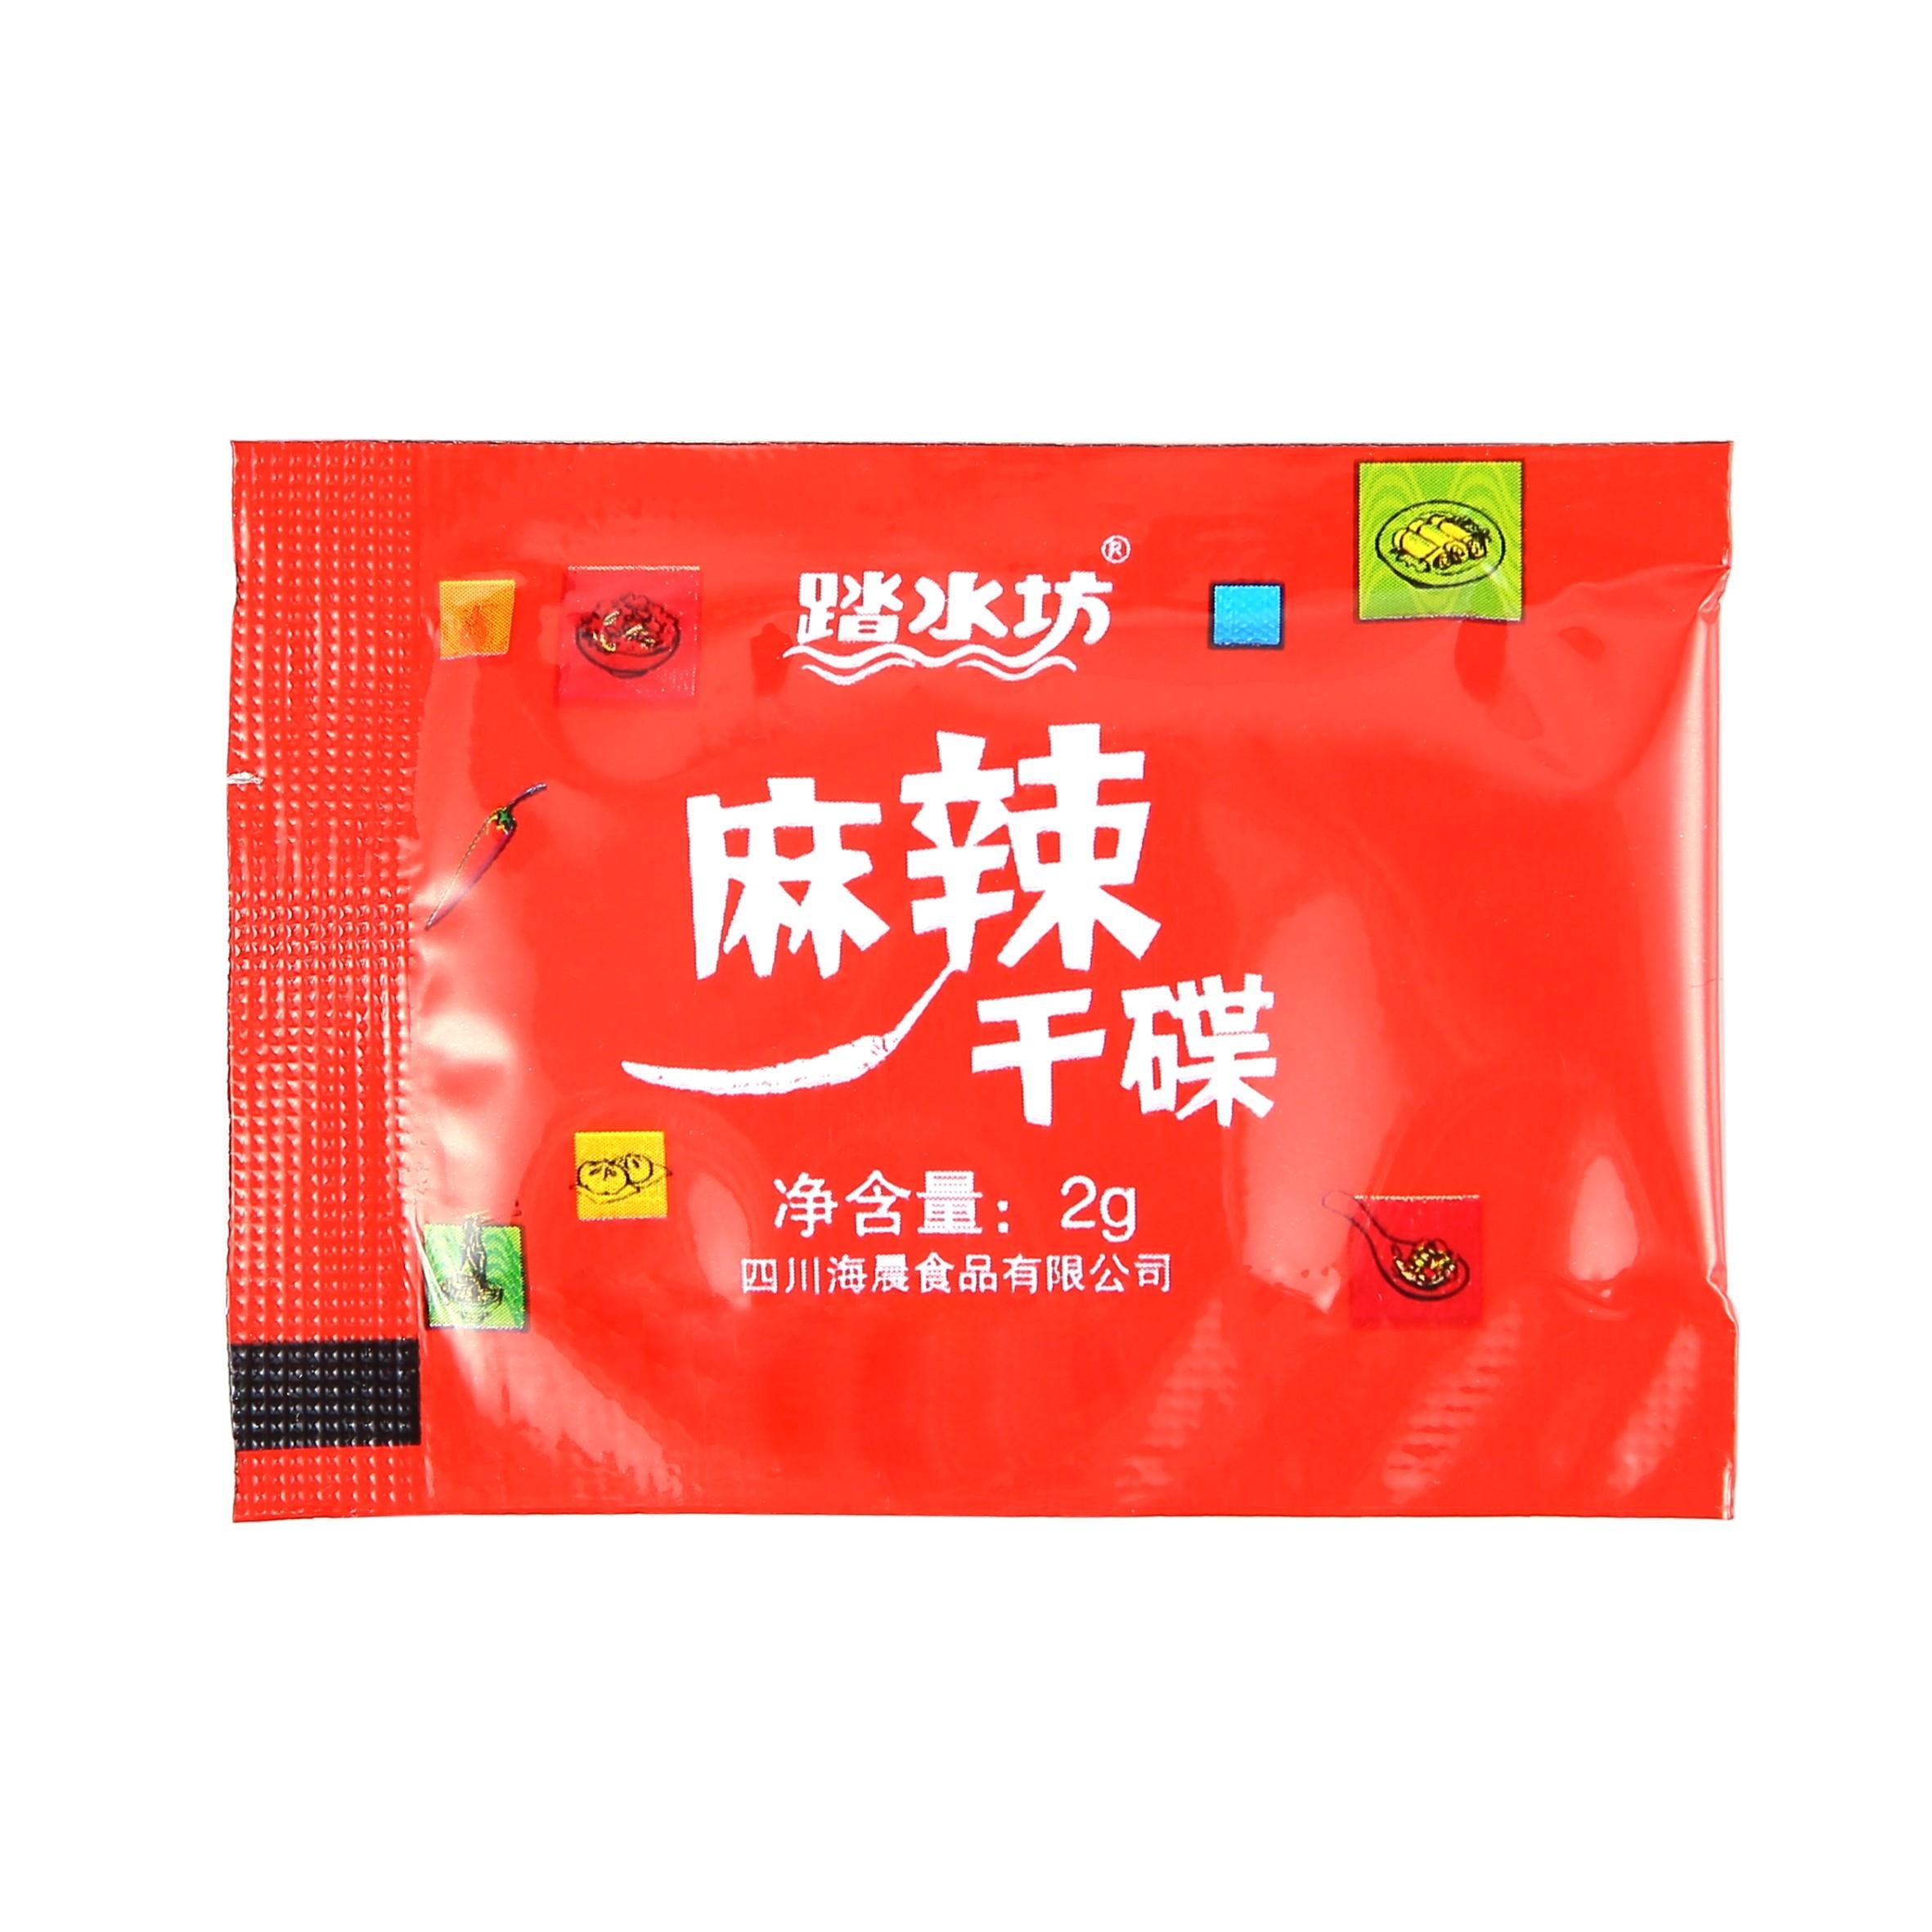 火锅店专用一次性罐装油碟